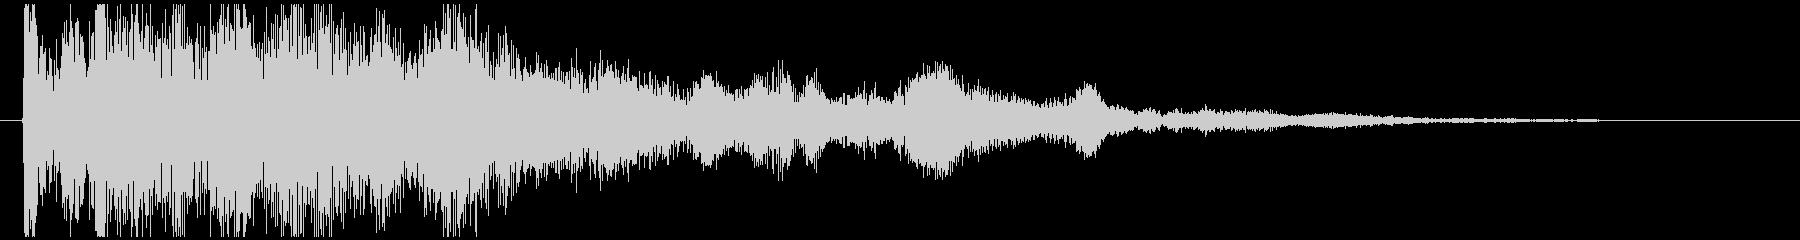 神秘的で透明感のあるアクセント音6の未再生の波形